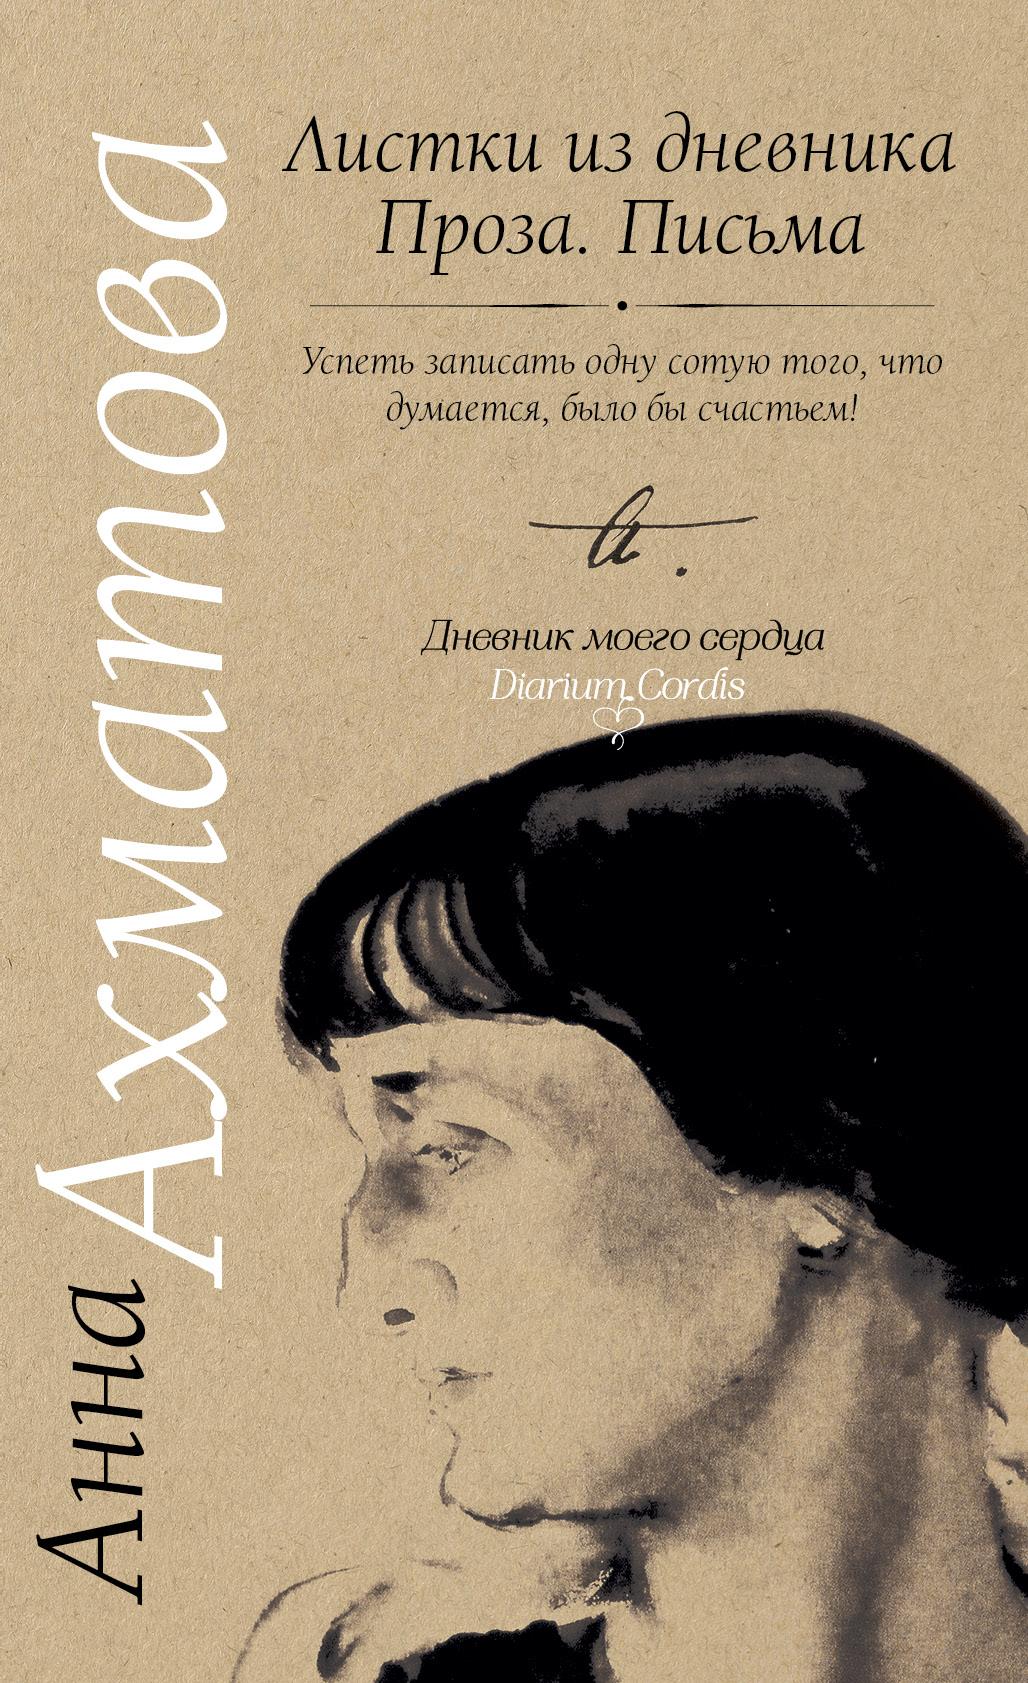 Ахматова А.А. Анна Ахматова. Листки из дневника. Проза. Письма ахматова анна андреевна столько просьб у любимой всегда